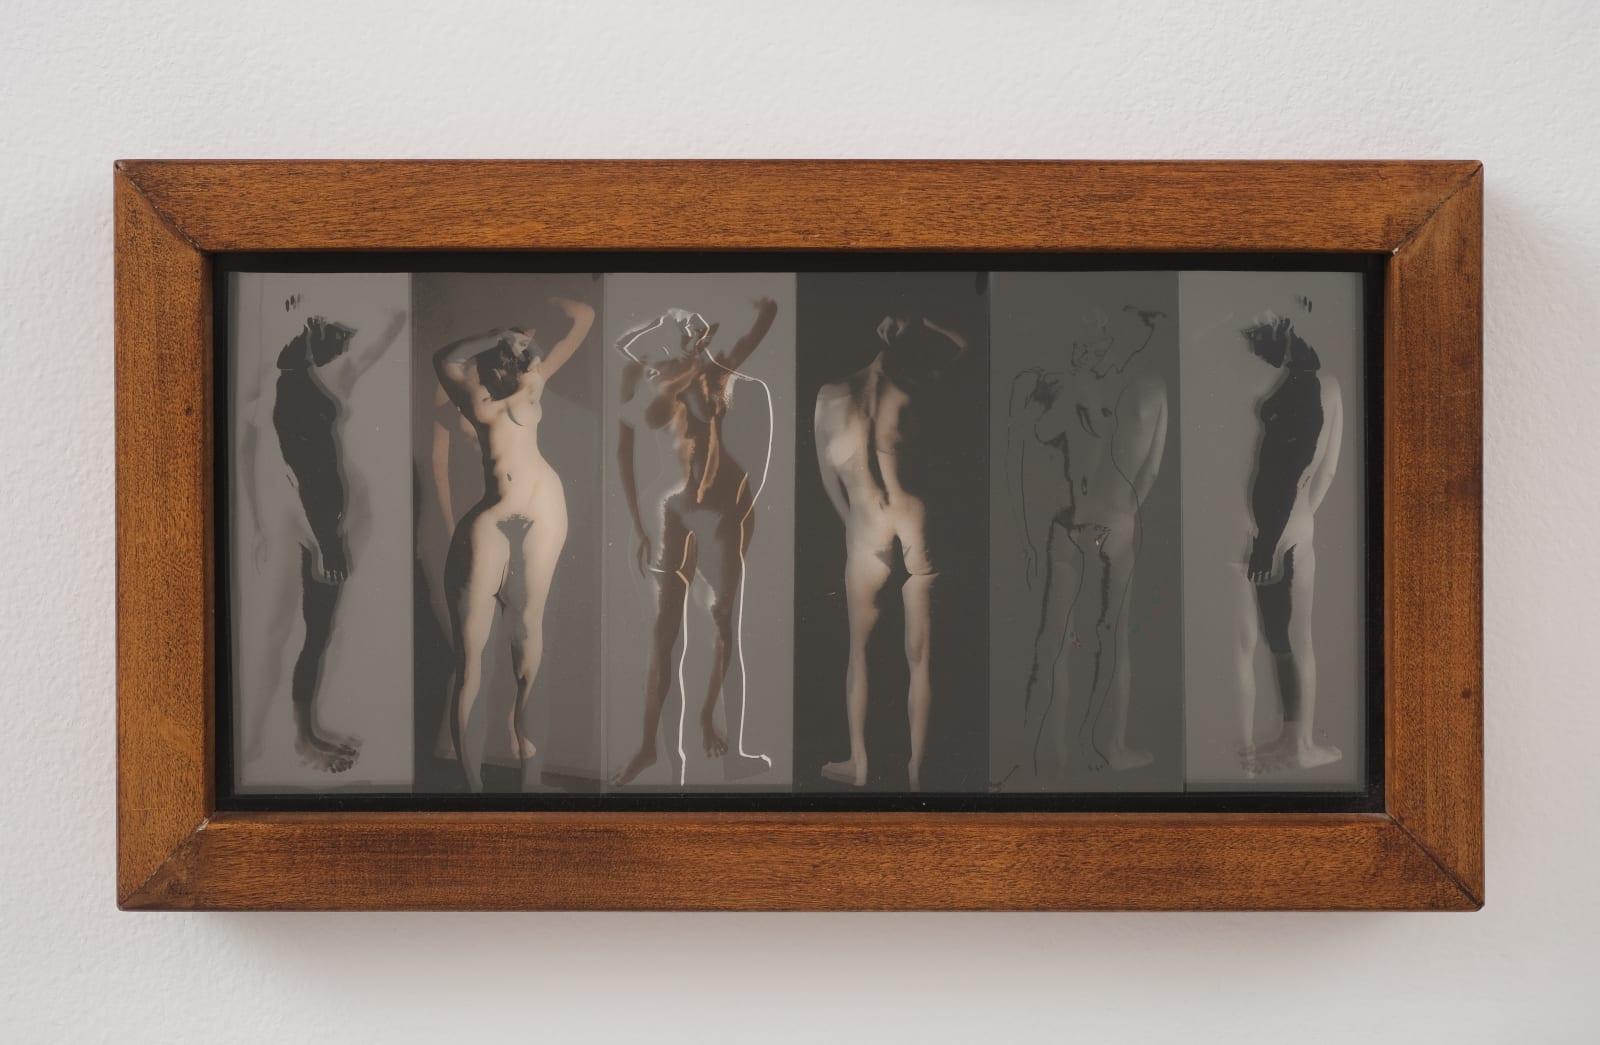 Robert Heinecken, Six Figures